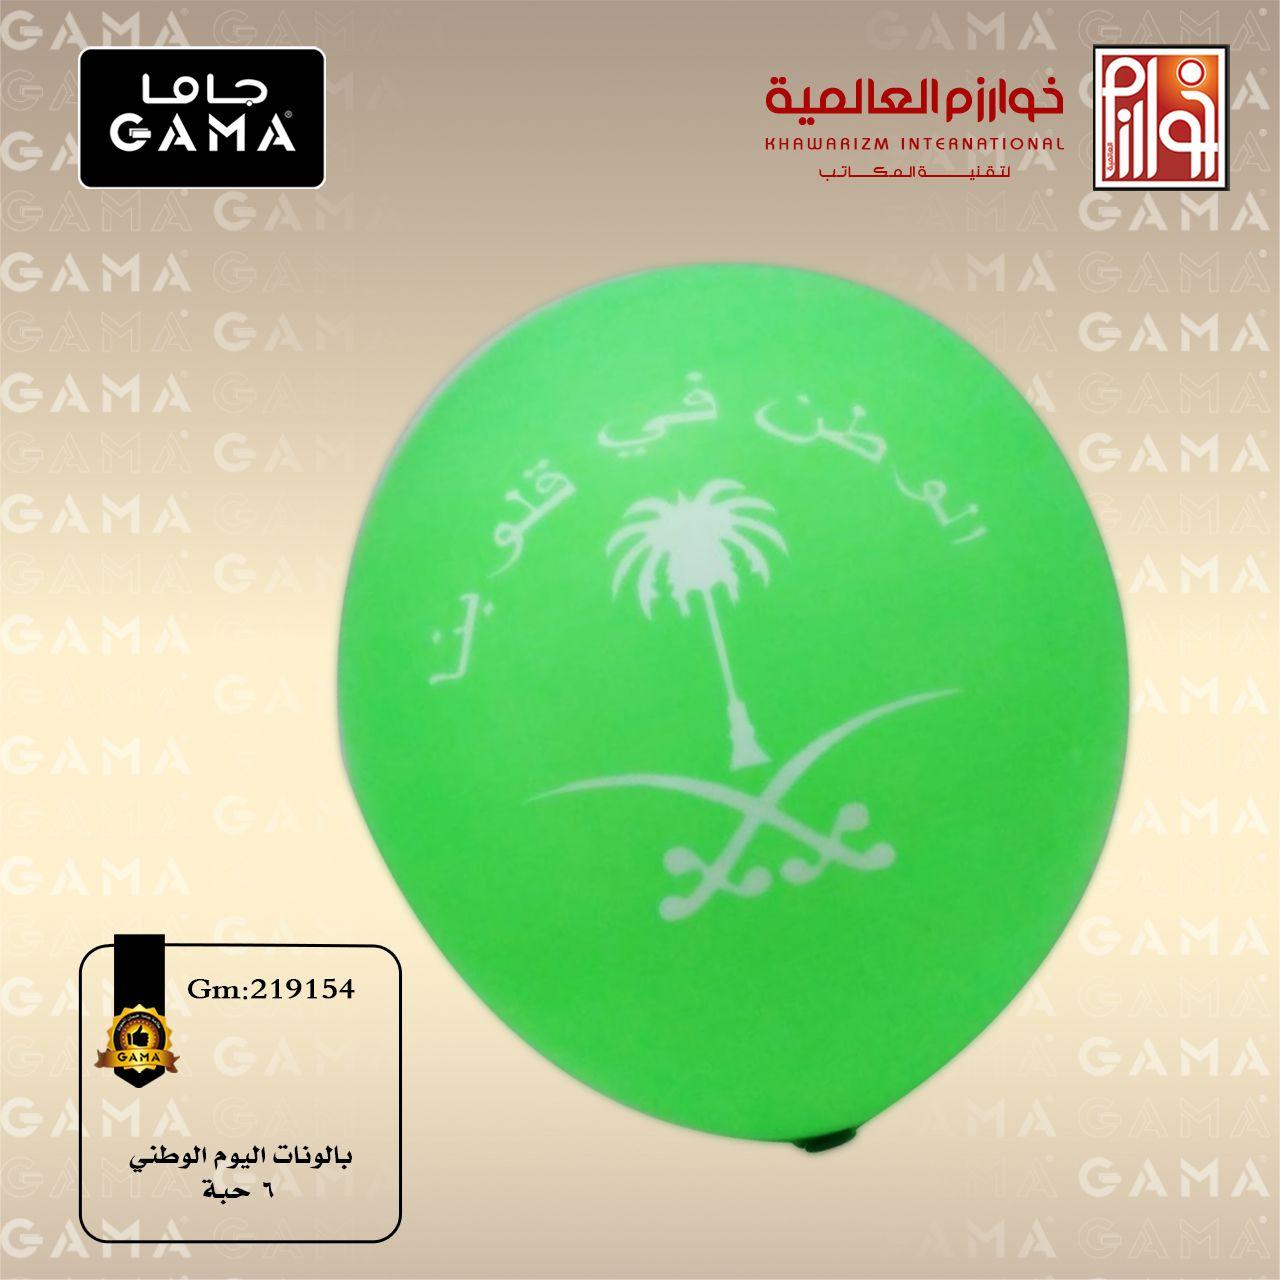 بالونات اليوم الوطني السعودي Pie Chart Stationery Chart